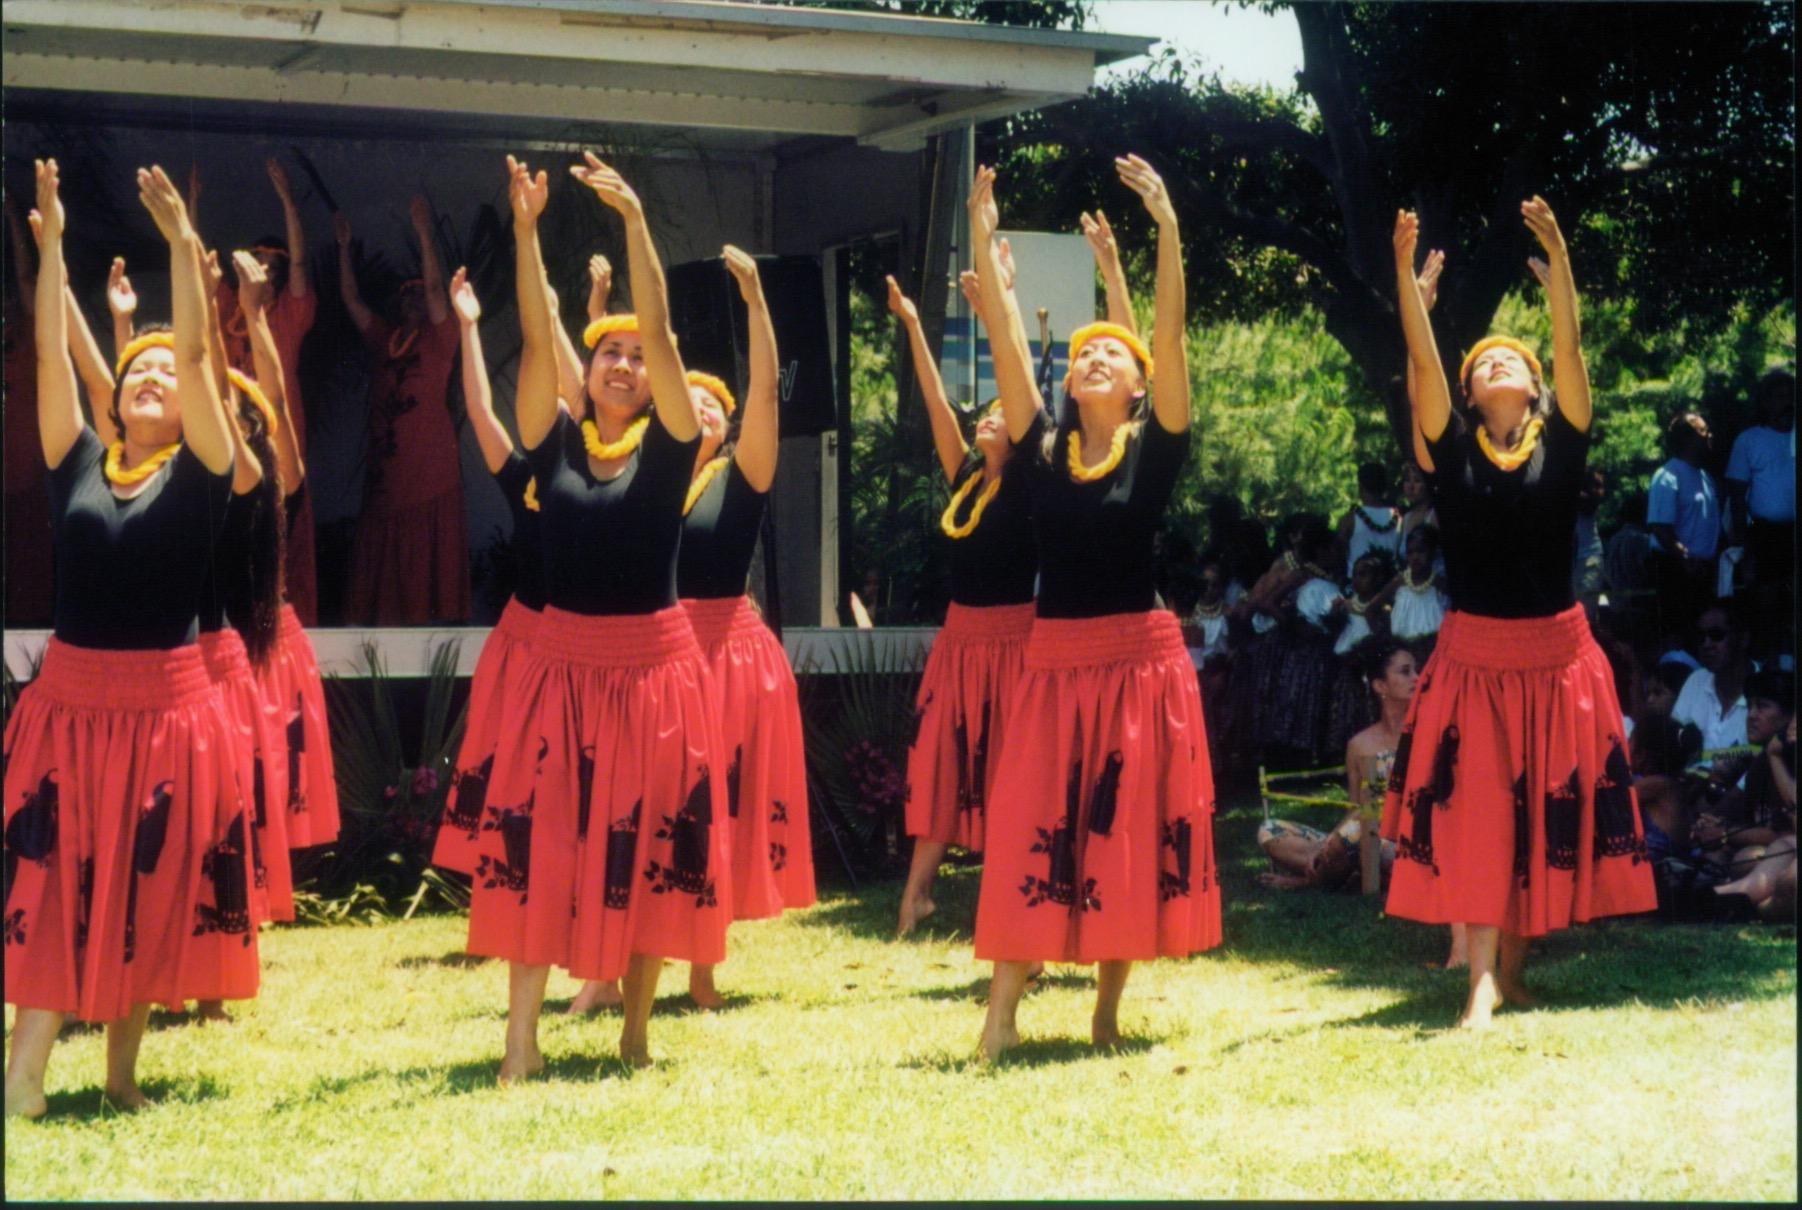 alondra park hoʻolauleʻa 1999